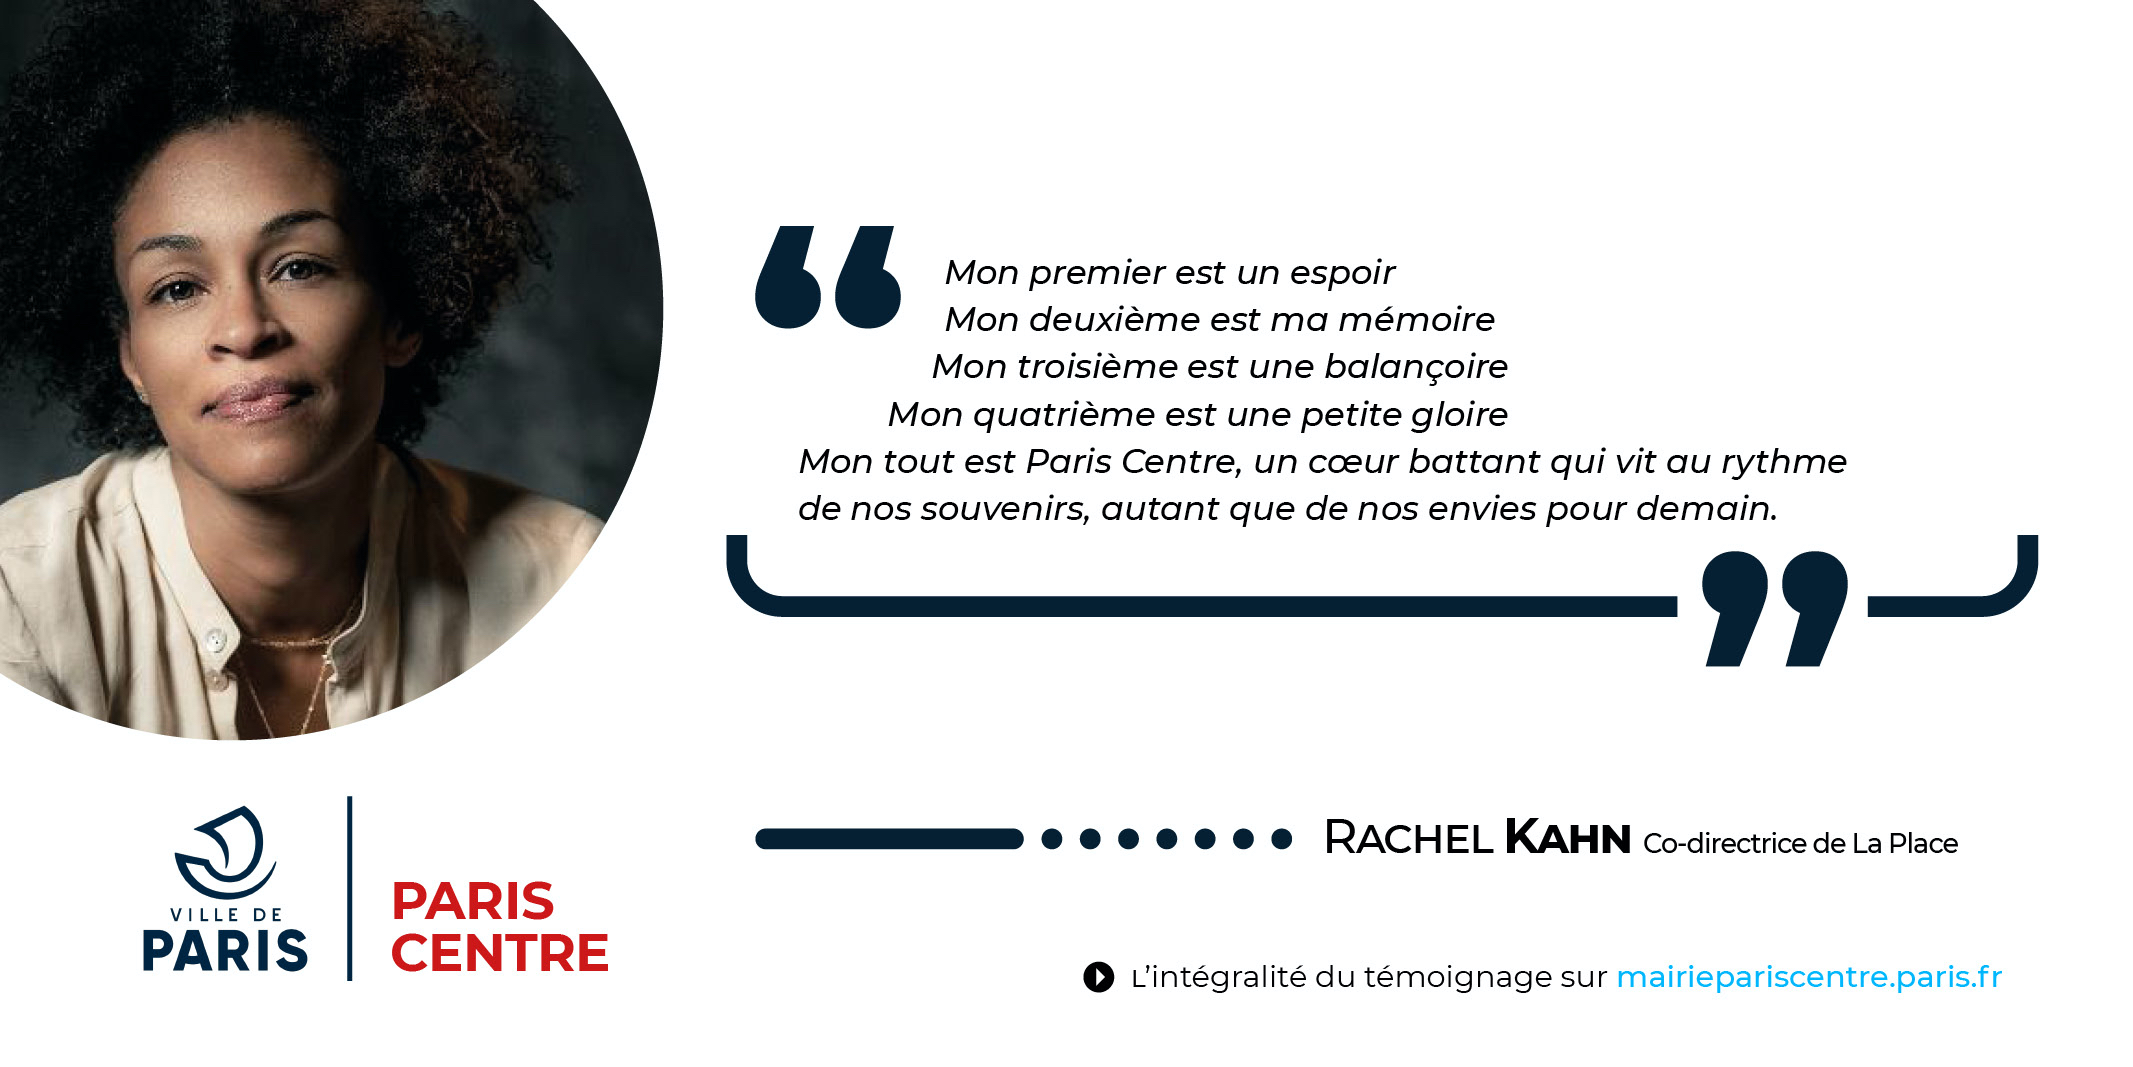 Témoignage - Rachel Khan